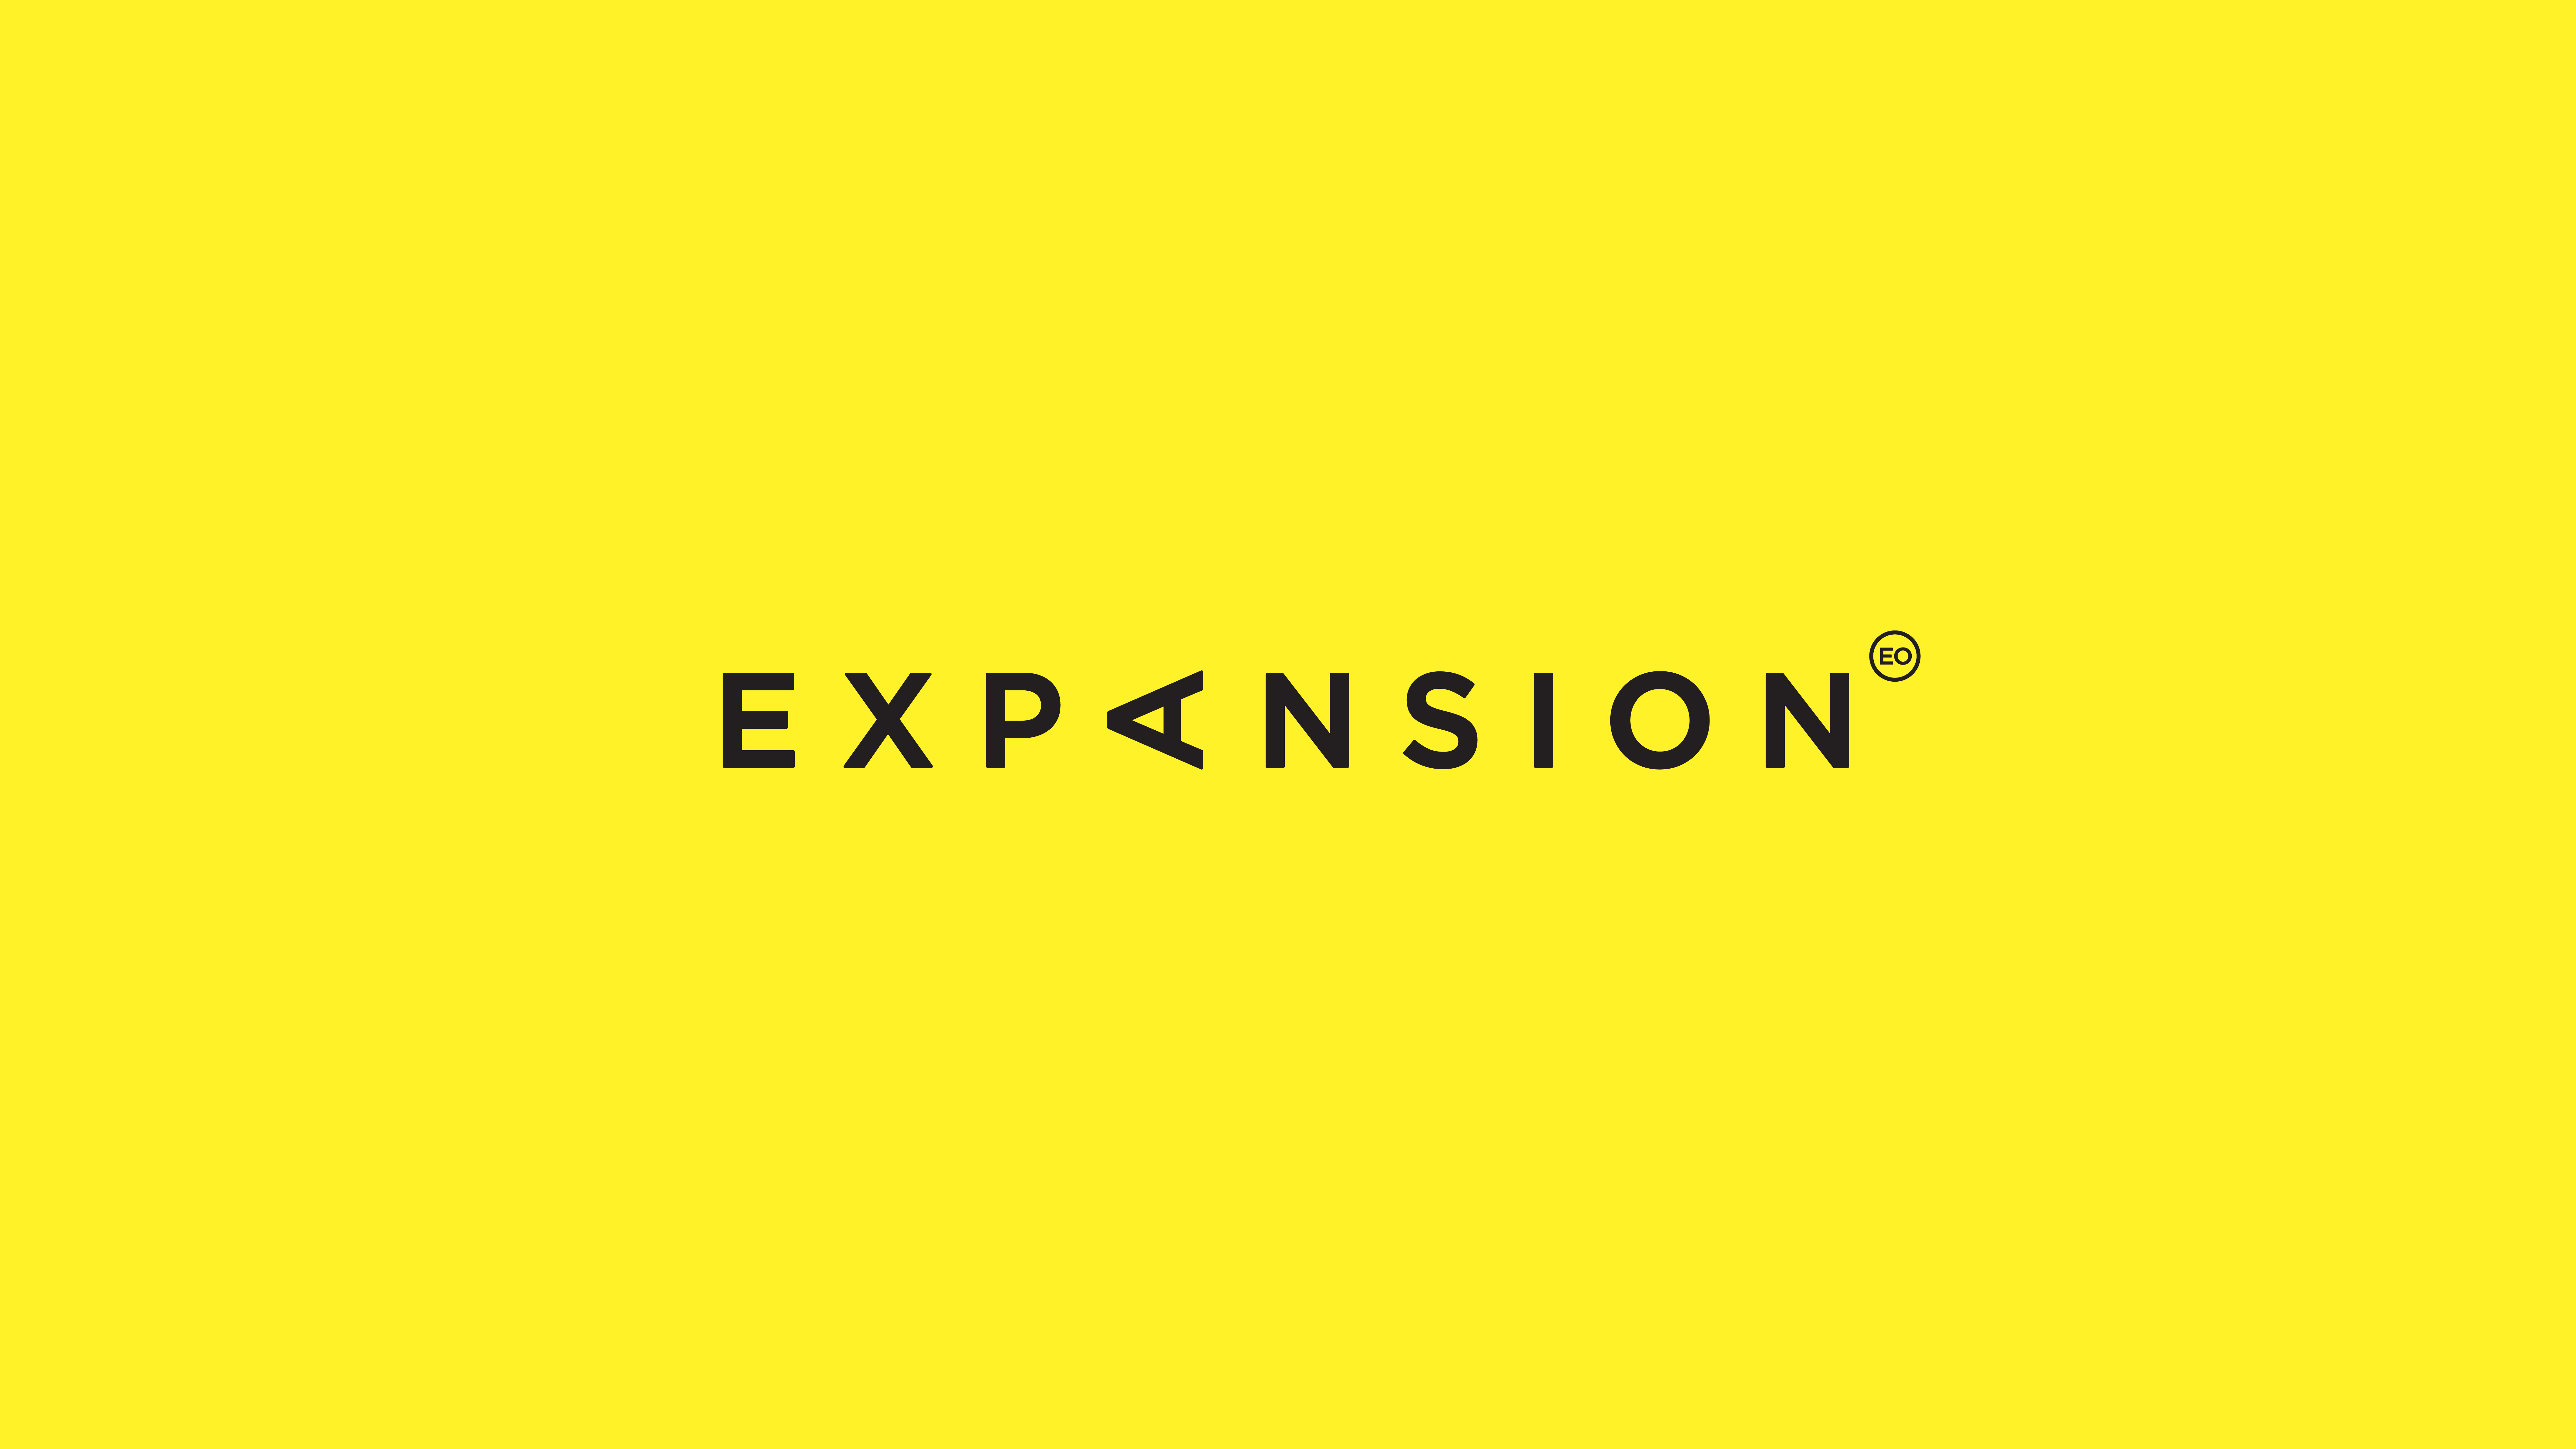 Expansion — Part 1